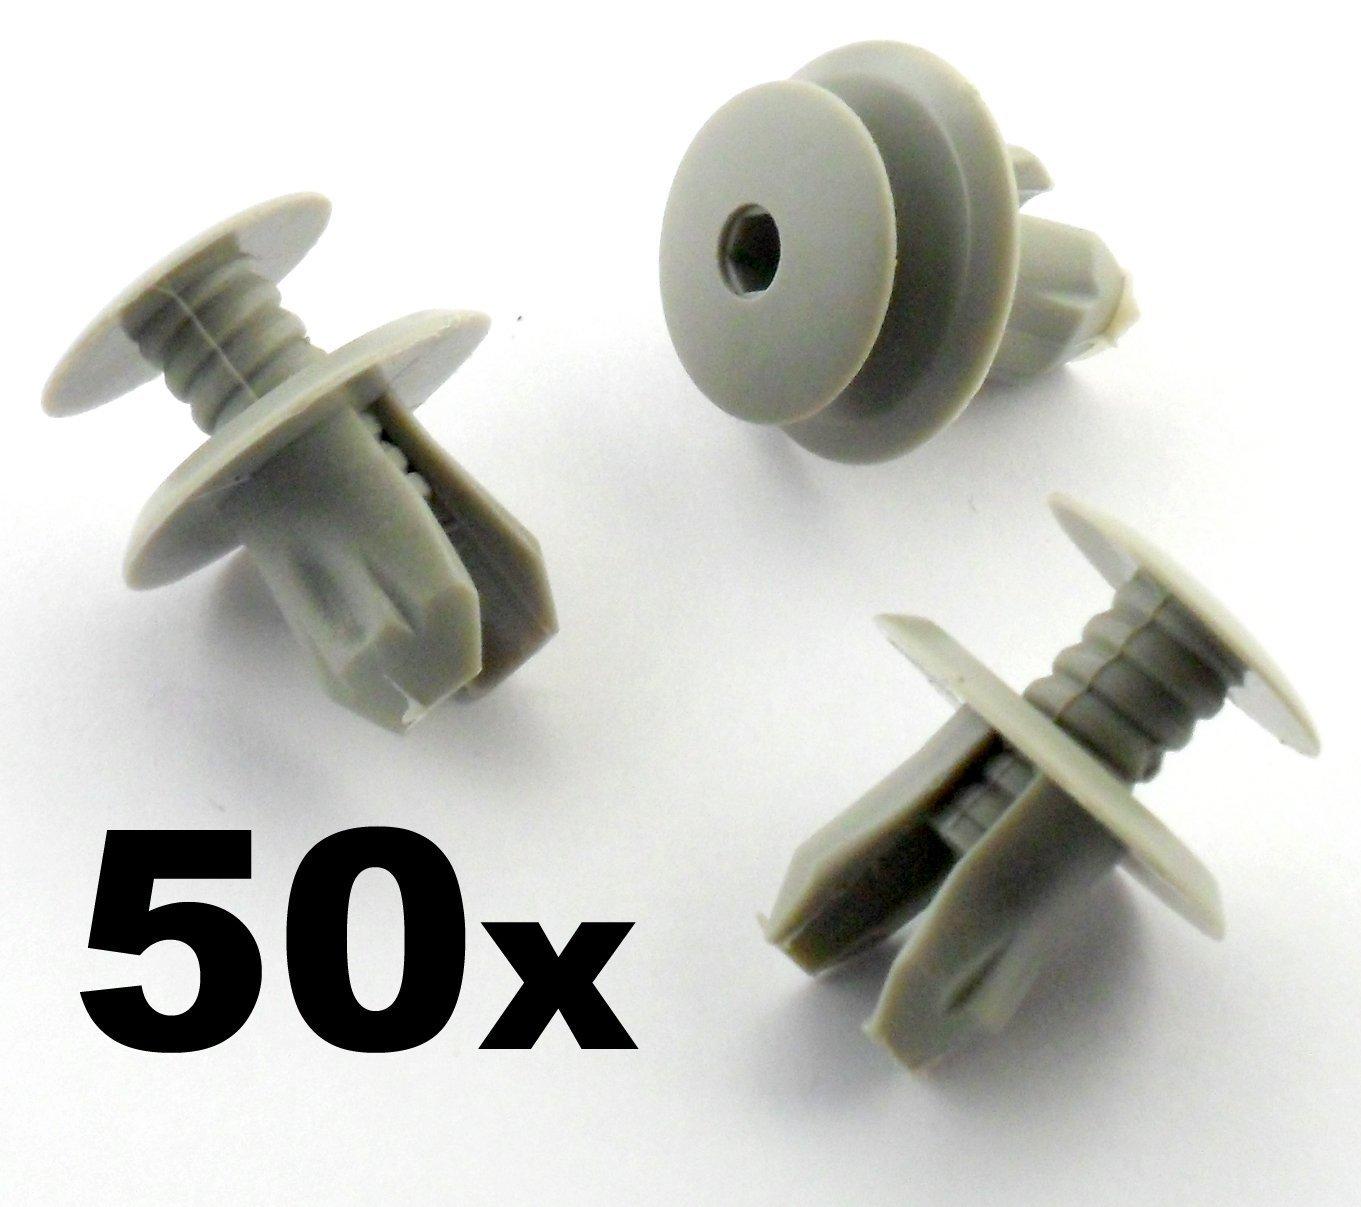 50 x Clips de fixation//trombones lumi/ère gris Transporter Eurovan